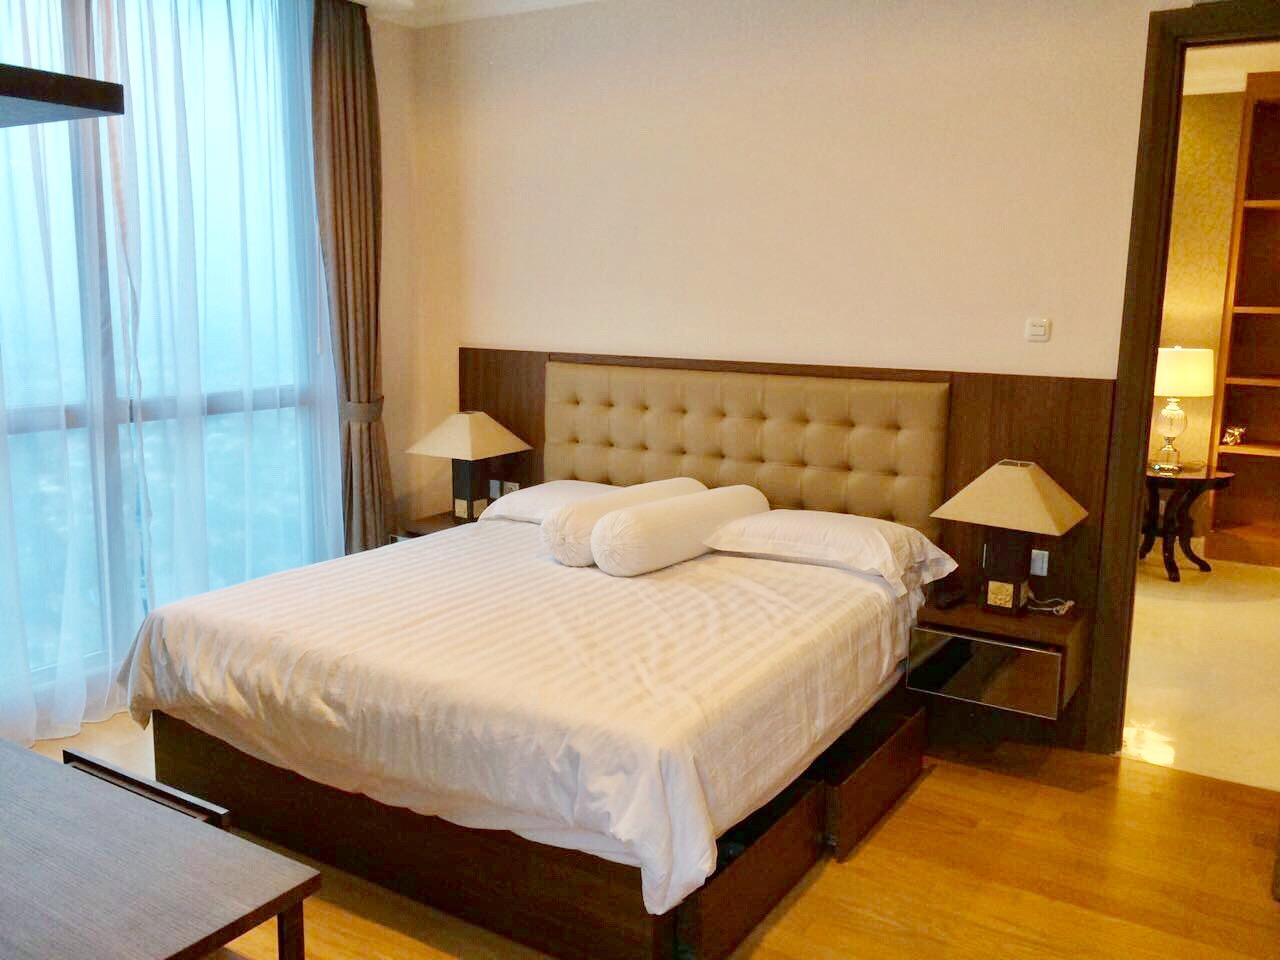 Dijual, Apartment Full furnished terbaru diSenopati, Kebayoran Baru.